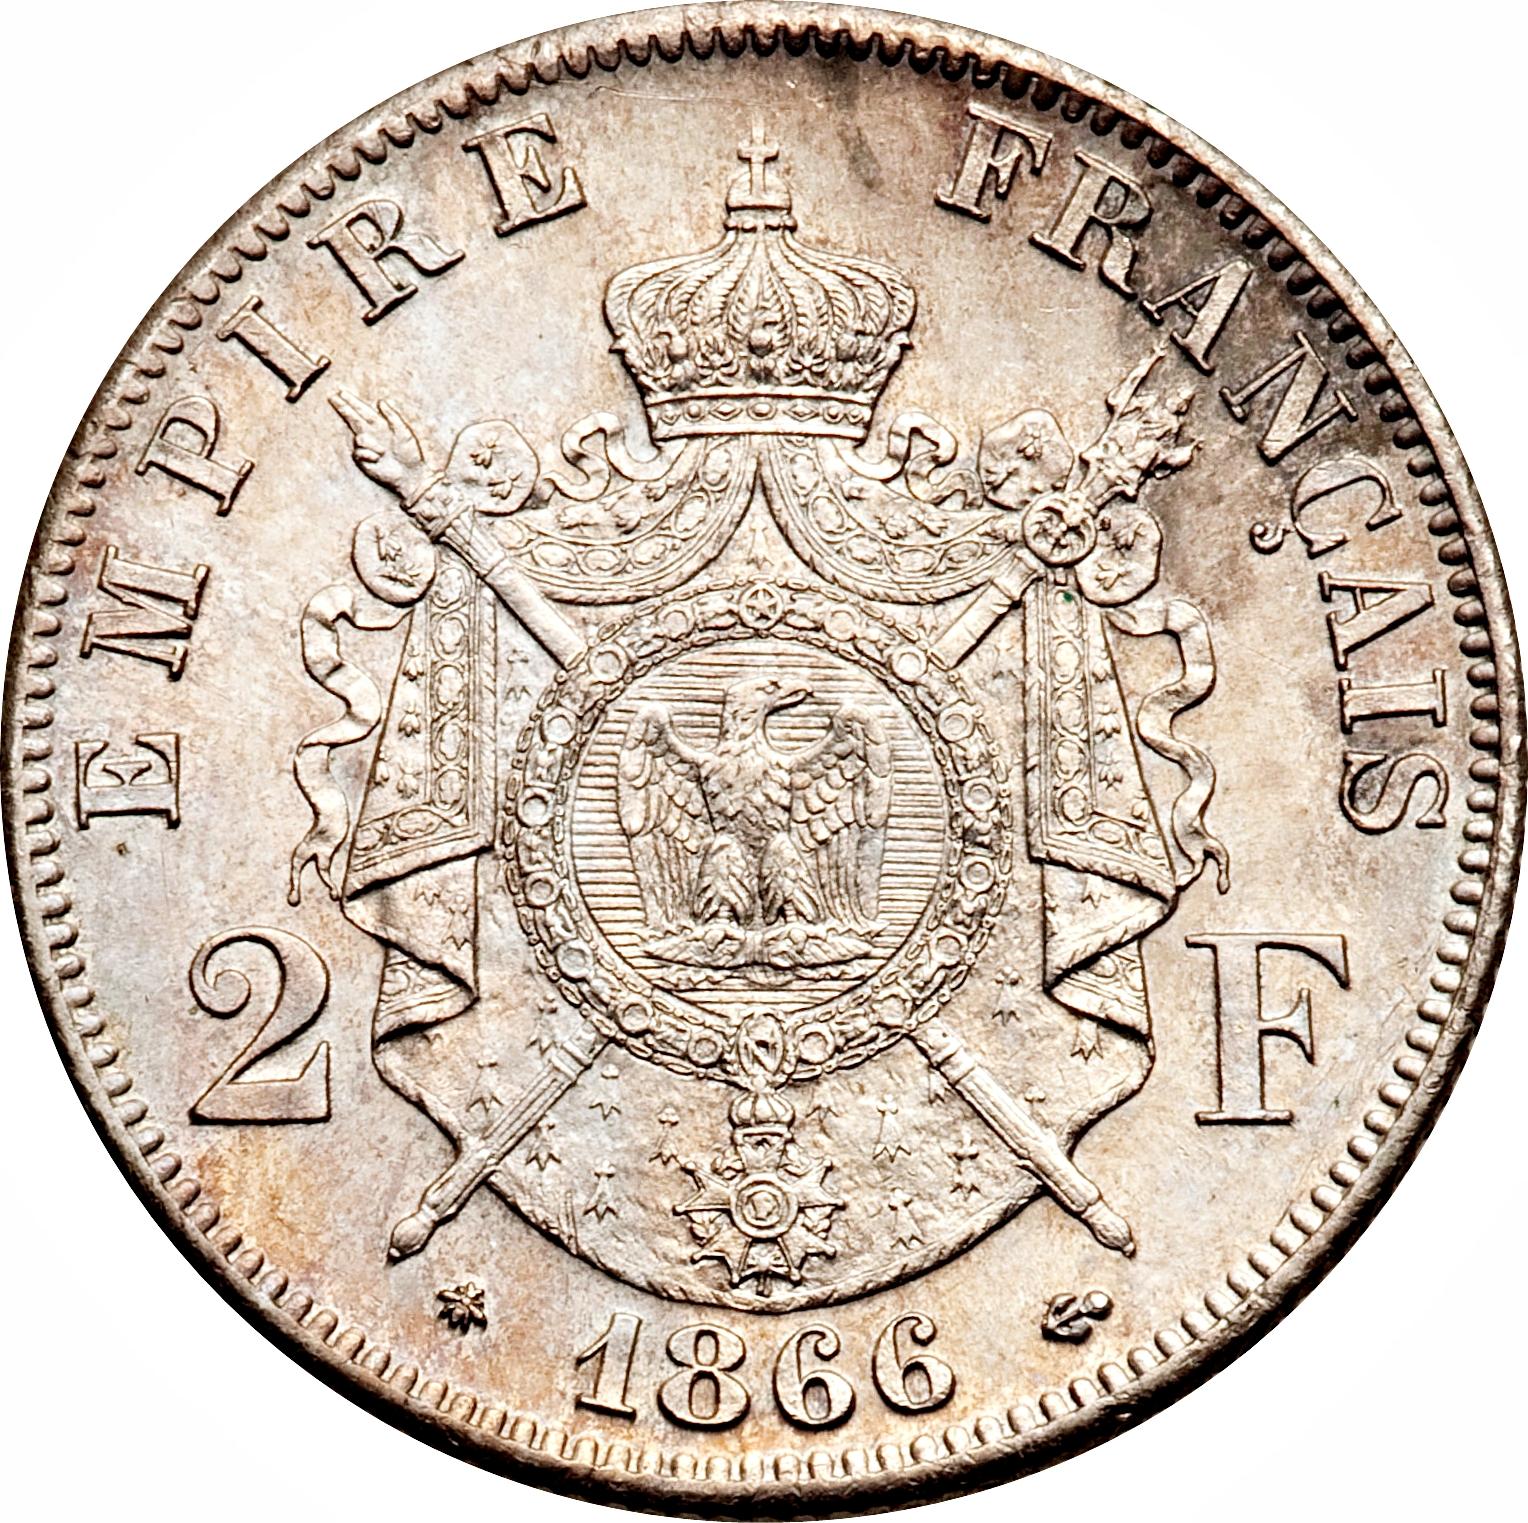 2 francs napoleon iii france numista for France francs